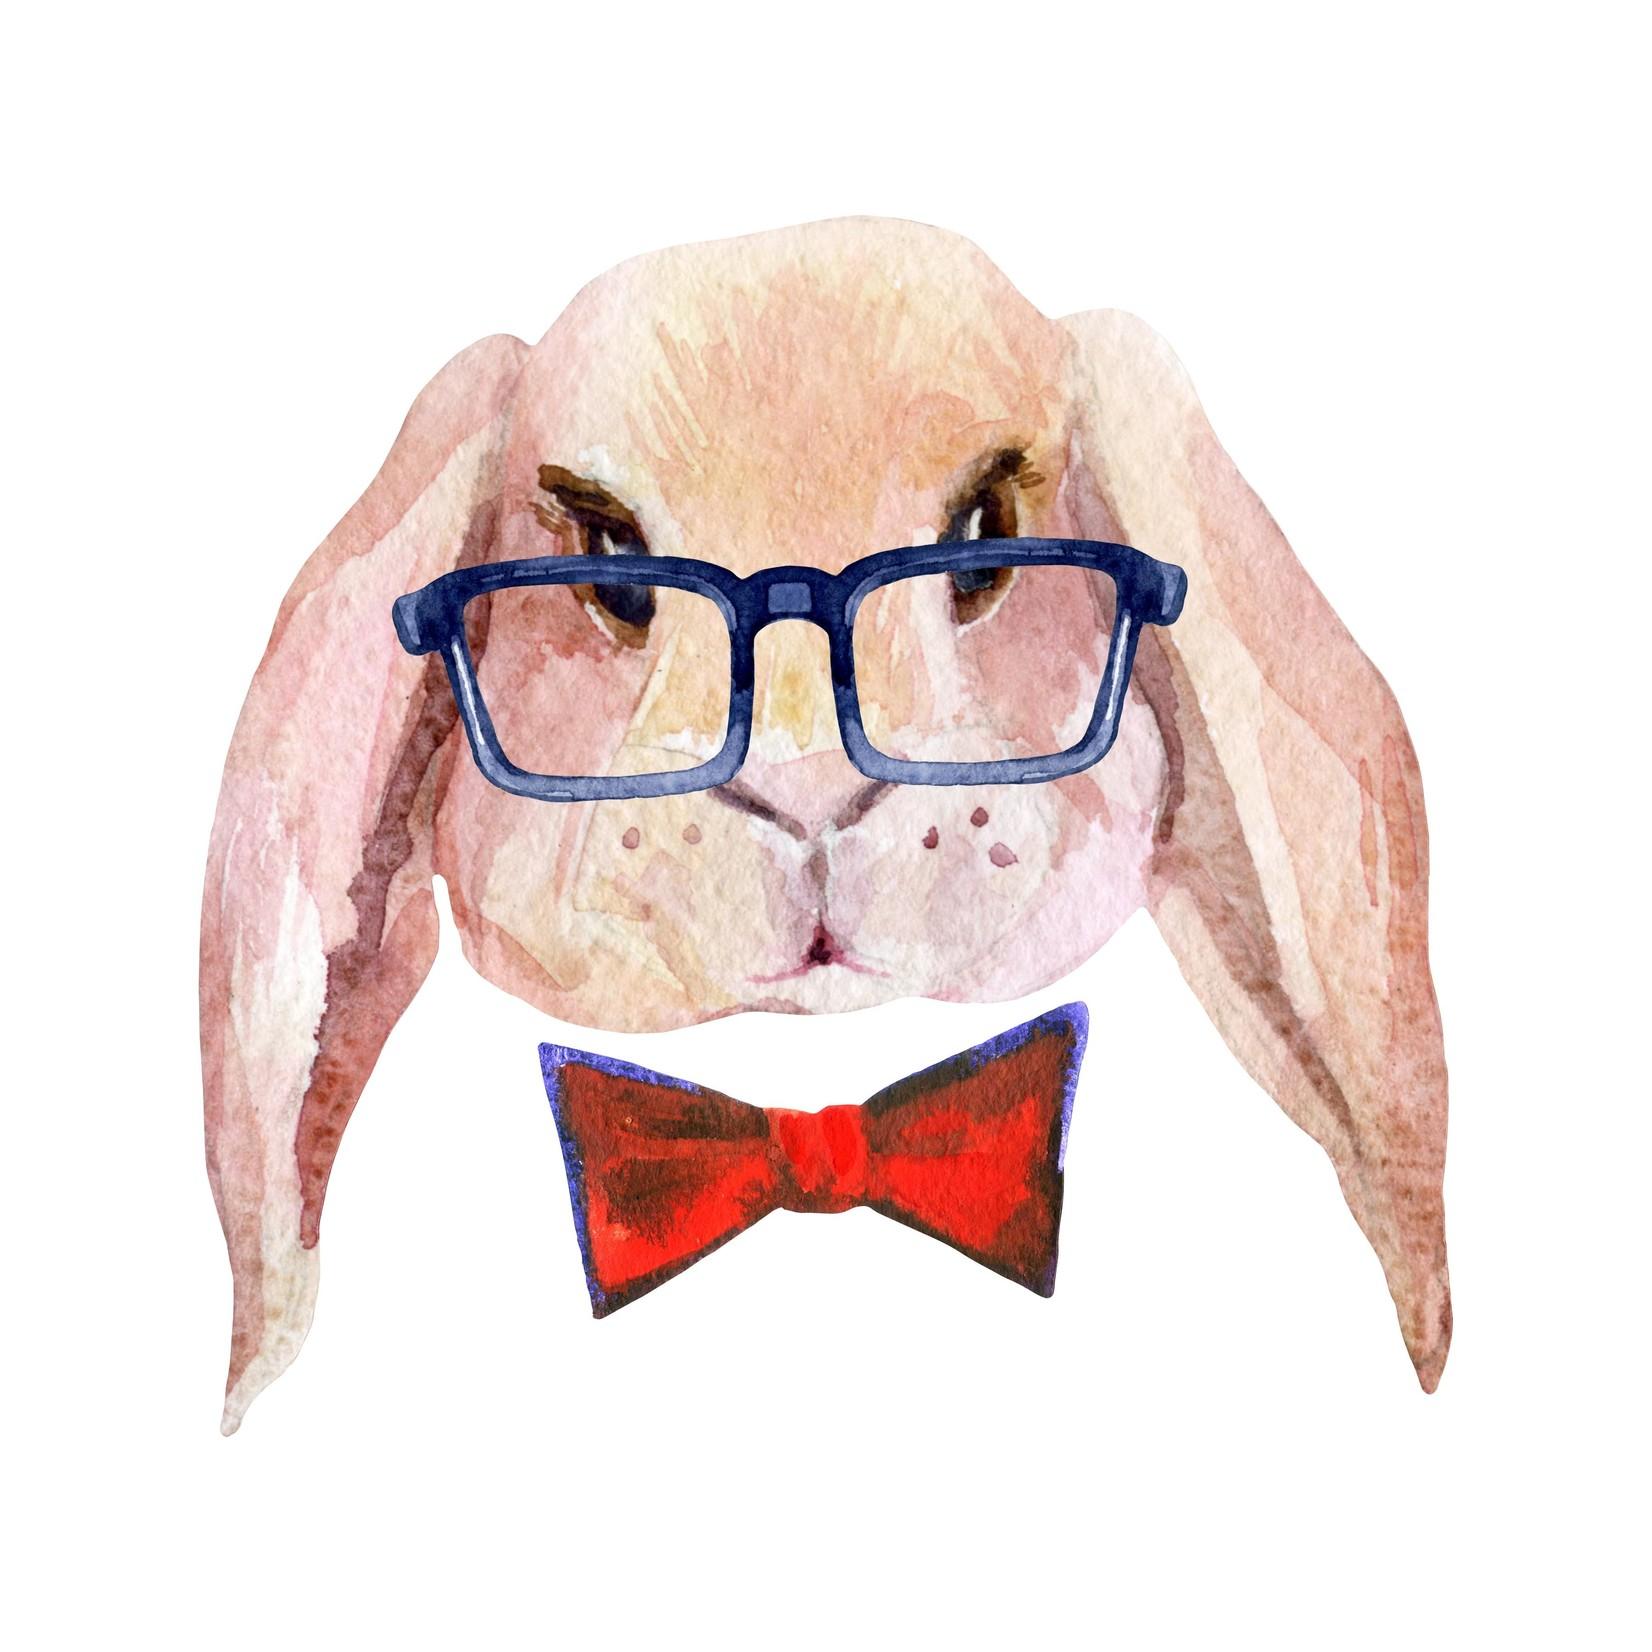 Bunny Boy Transfer